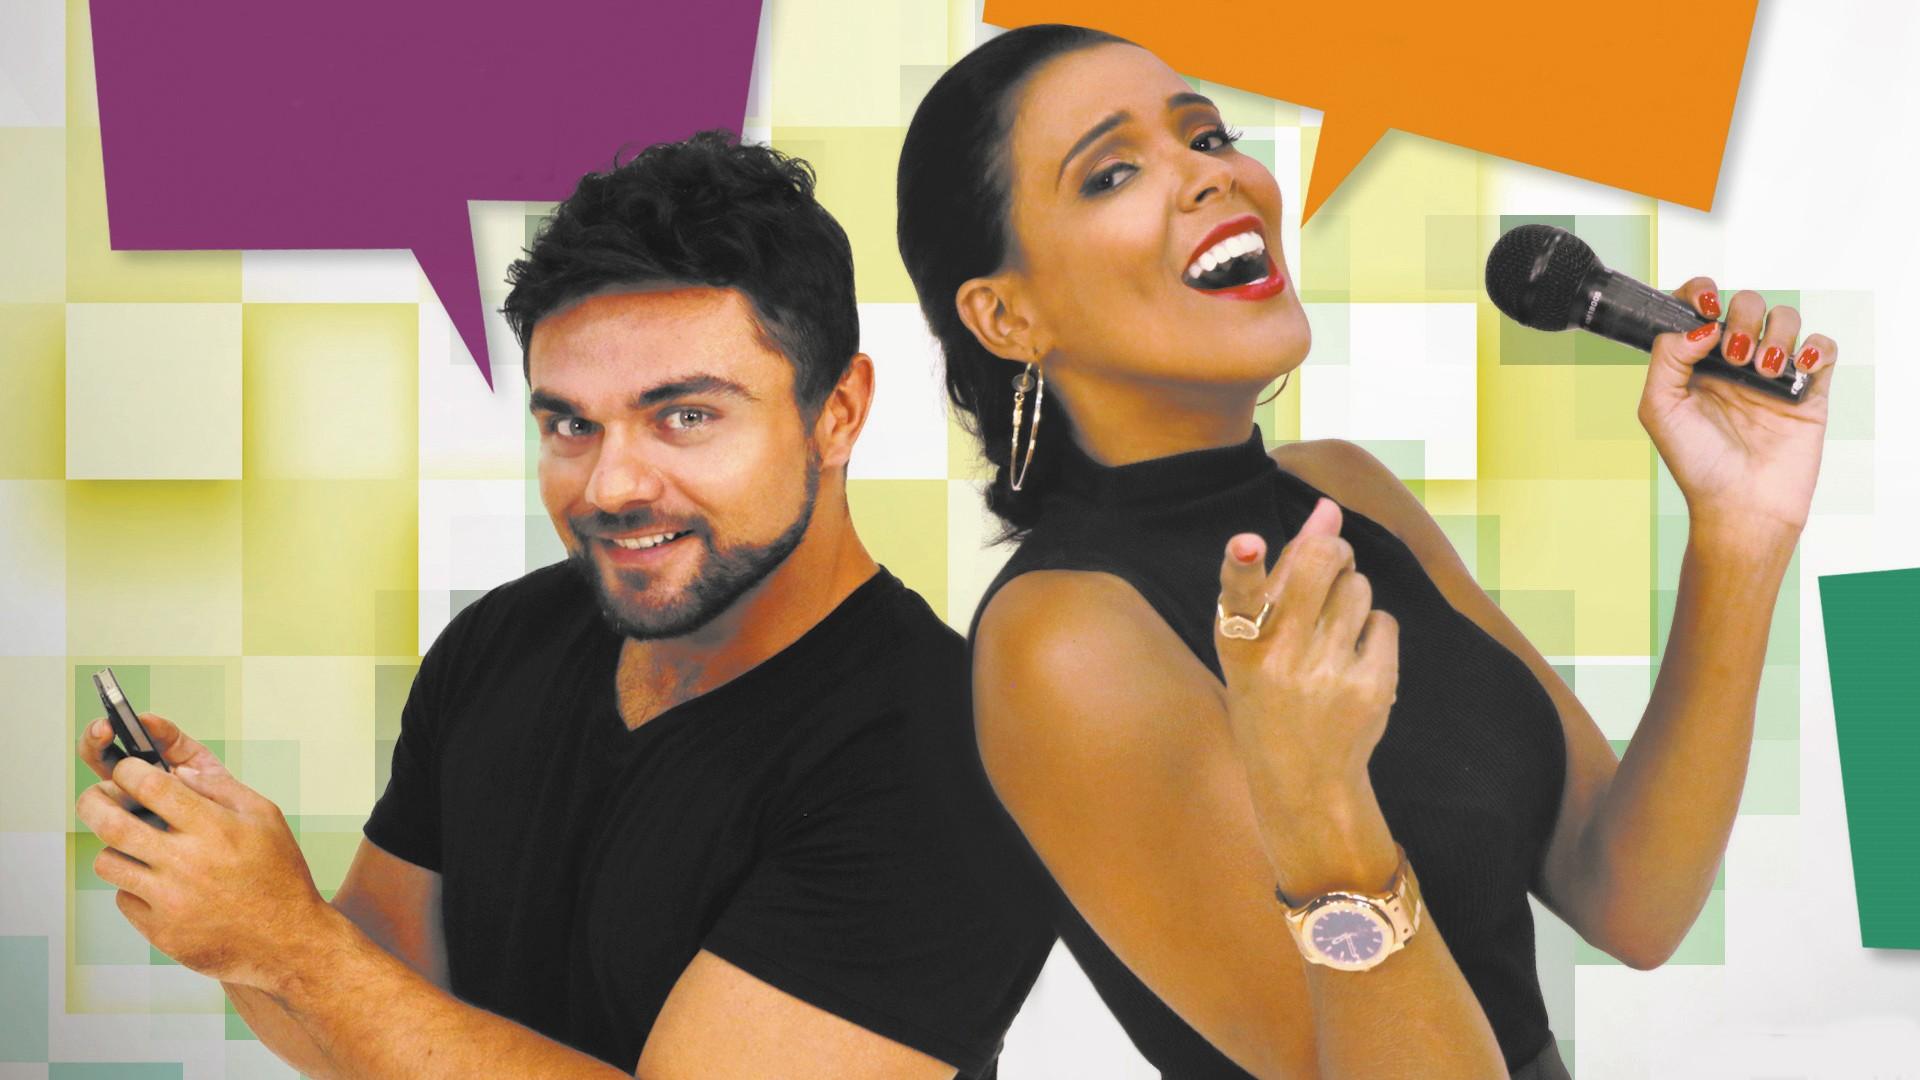 Se Liga VM estreia de cara nova em novo horário da programação da TV Verdes Mares. (Foto: Se Liga VM)